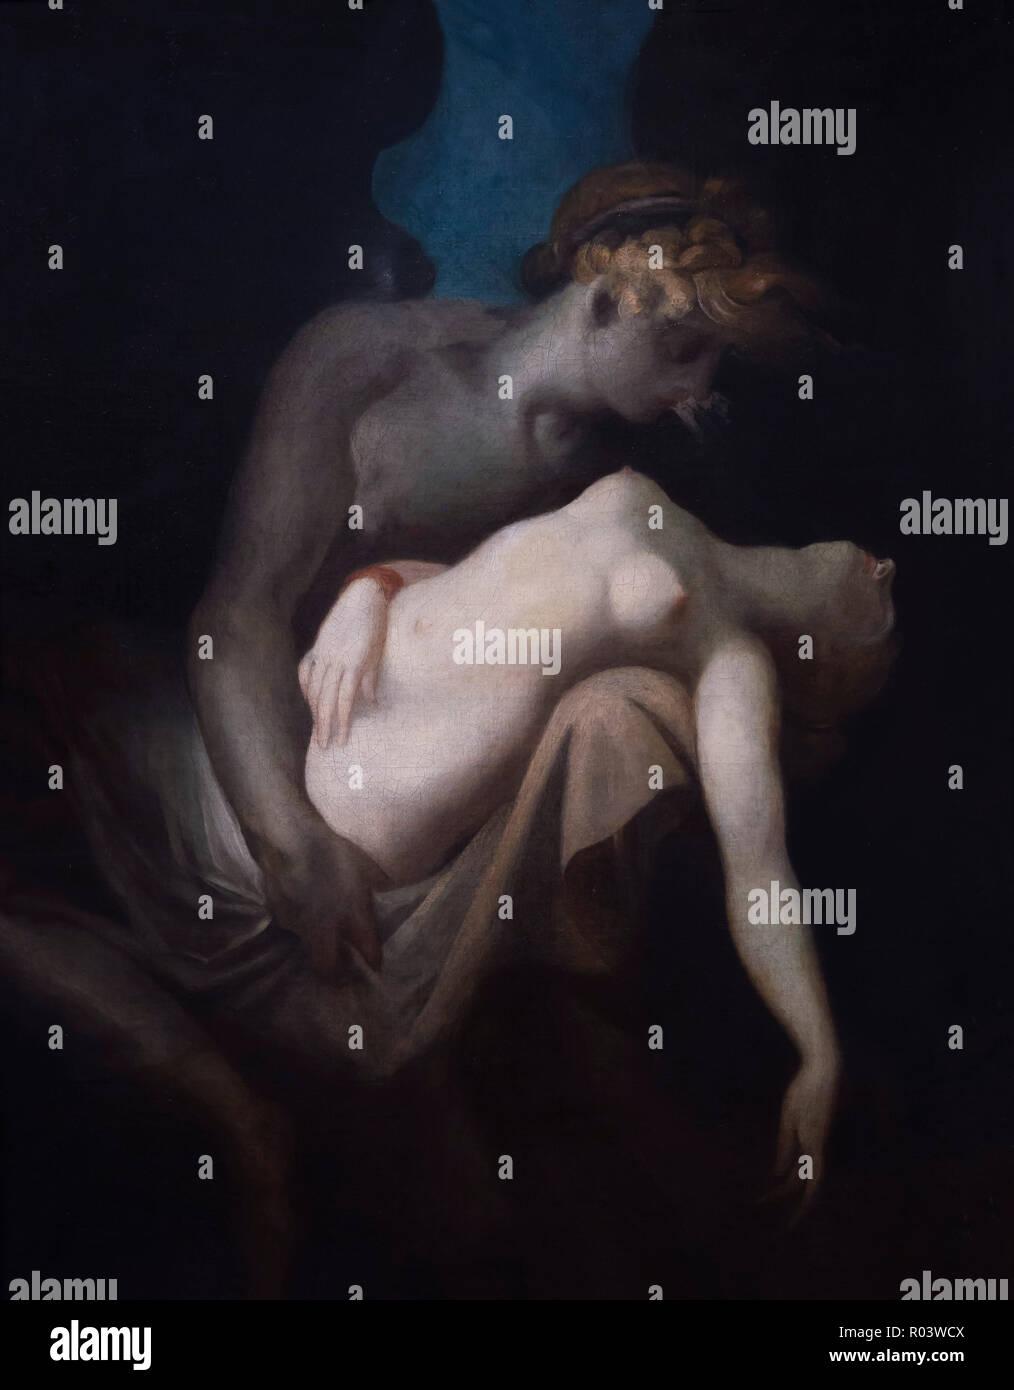 Amor und Psyche, Henry Fuseli, 1810, Zürich, Kunsthaus, Zürich, Schweiz, Europa Stockbild